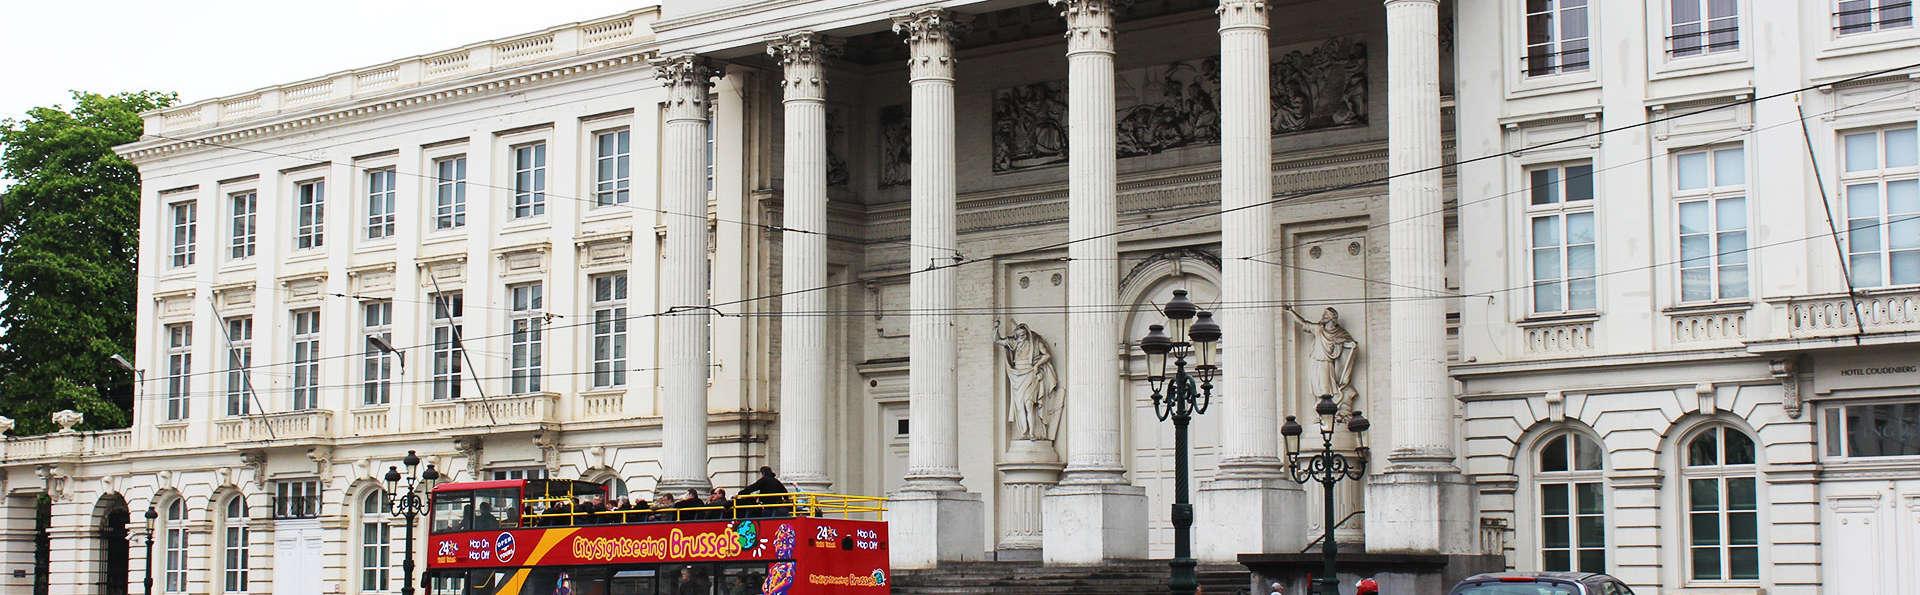 Descubre Bruselas a bordo de un autobús turístico (desde 2 noches)